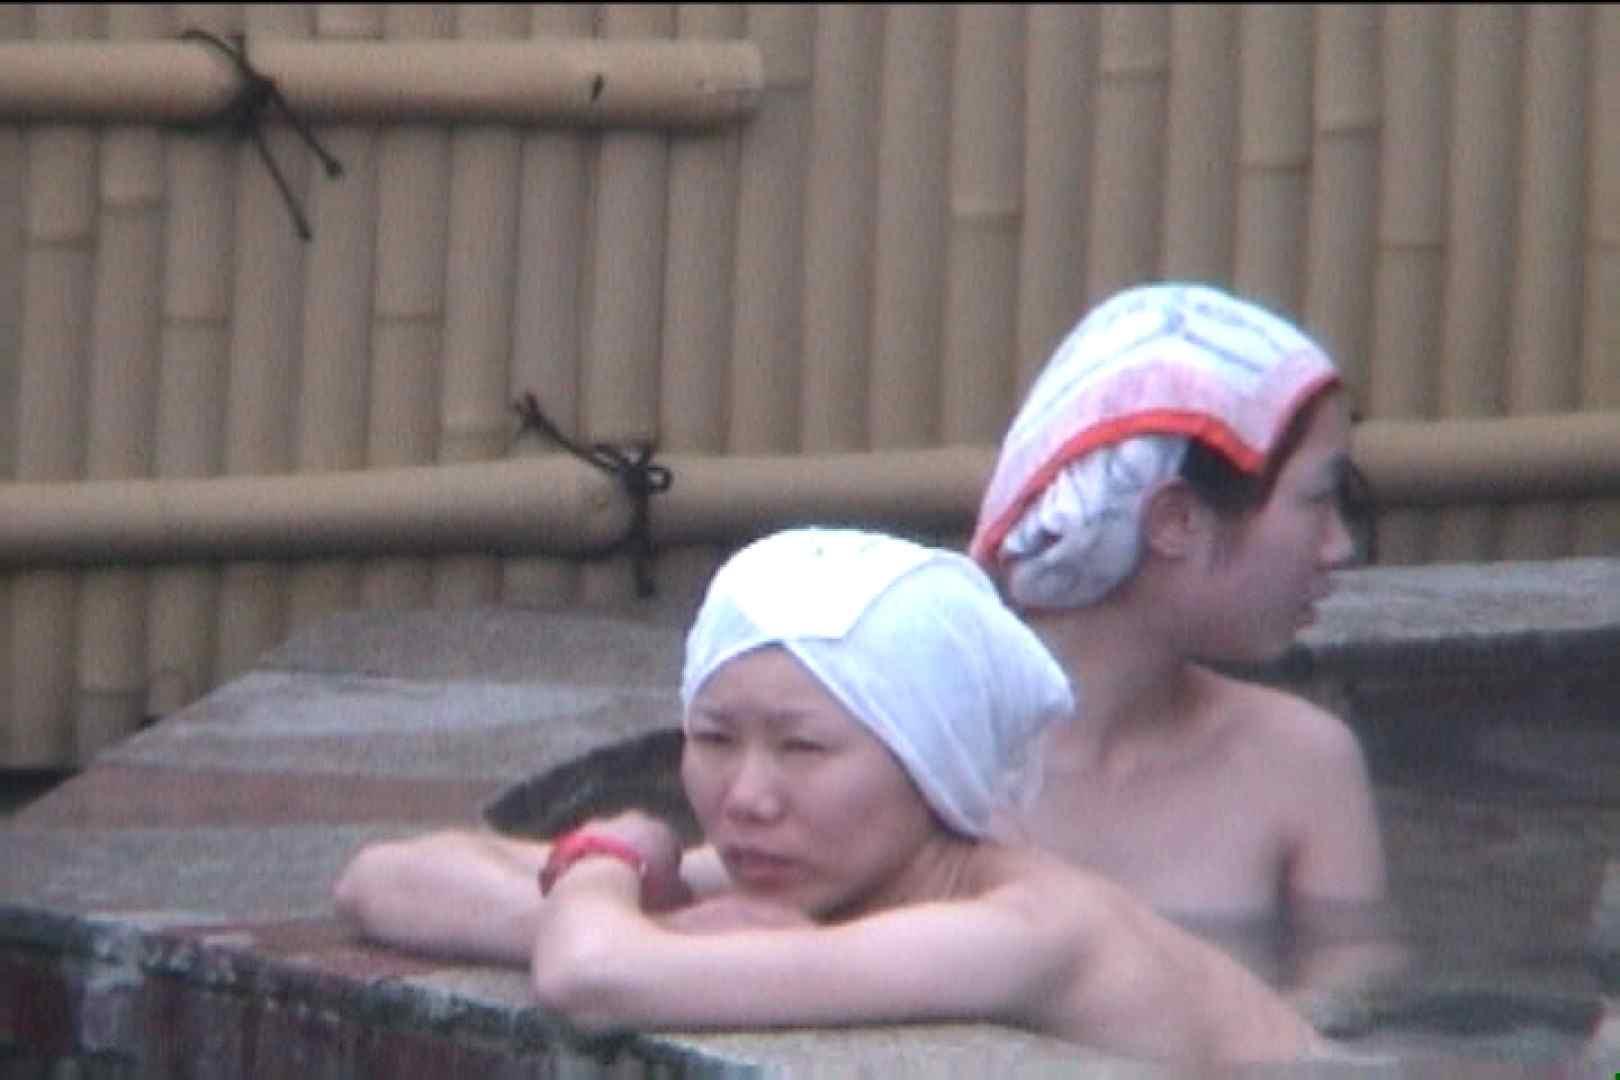 Aquaな露天風呂Vol.91【VIP限定】 盗撮シリーズ  99PIX 16